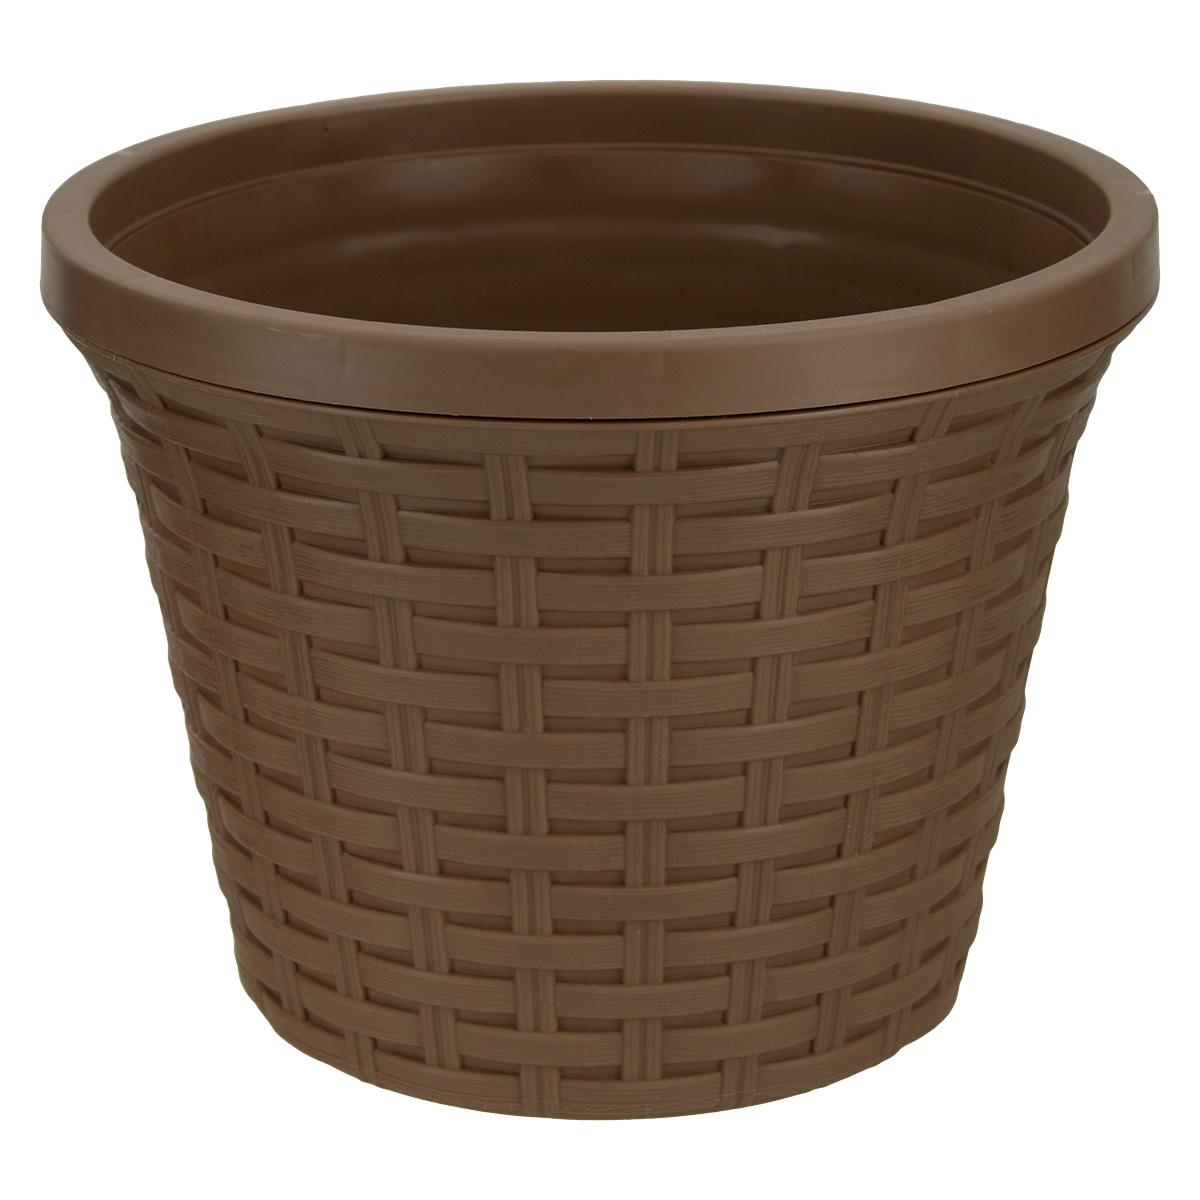 Кашпо круглое Violet Ротанг, с дренажной системой, цвет: какао, 3,4 л32340/17Круглое кашпо Violet Ротанг изготовлено из высококачественного пластика и оснащено дренажной системой для быстрого отведения избытка воды при поливе. Изделие прекрасно подходит для выращивания растений и цветов в домашних условиях. Лаконичный дизайн впишется в интерьер любого помещения. Объем: 3,4 л.